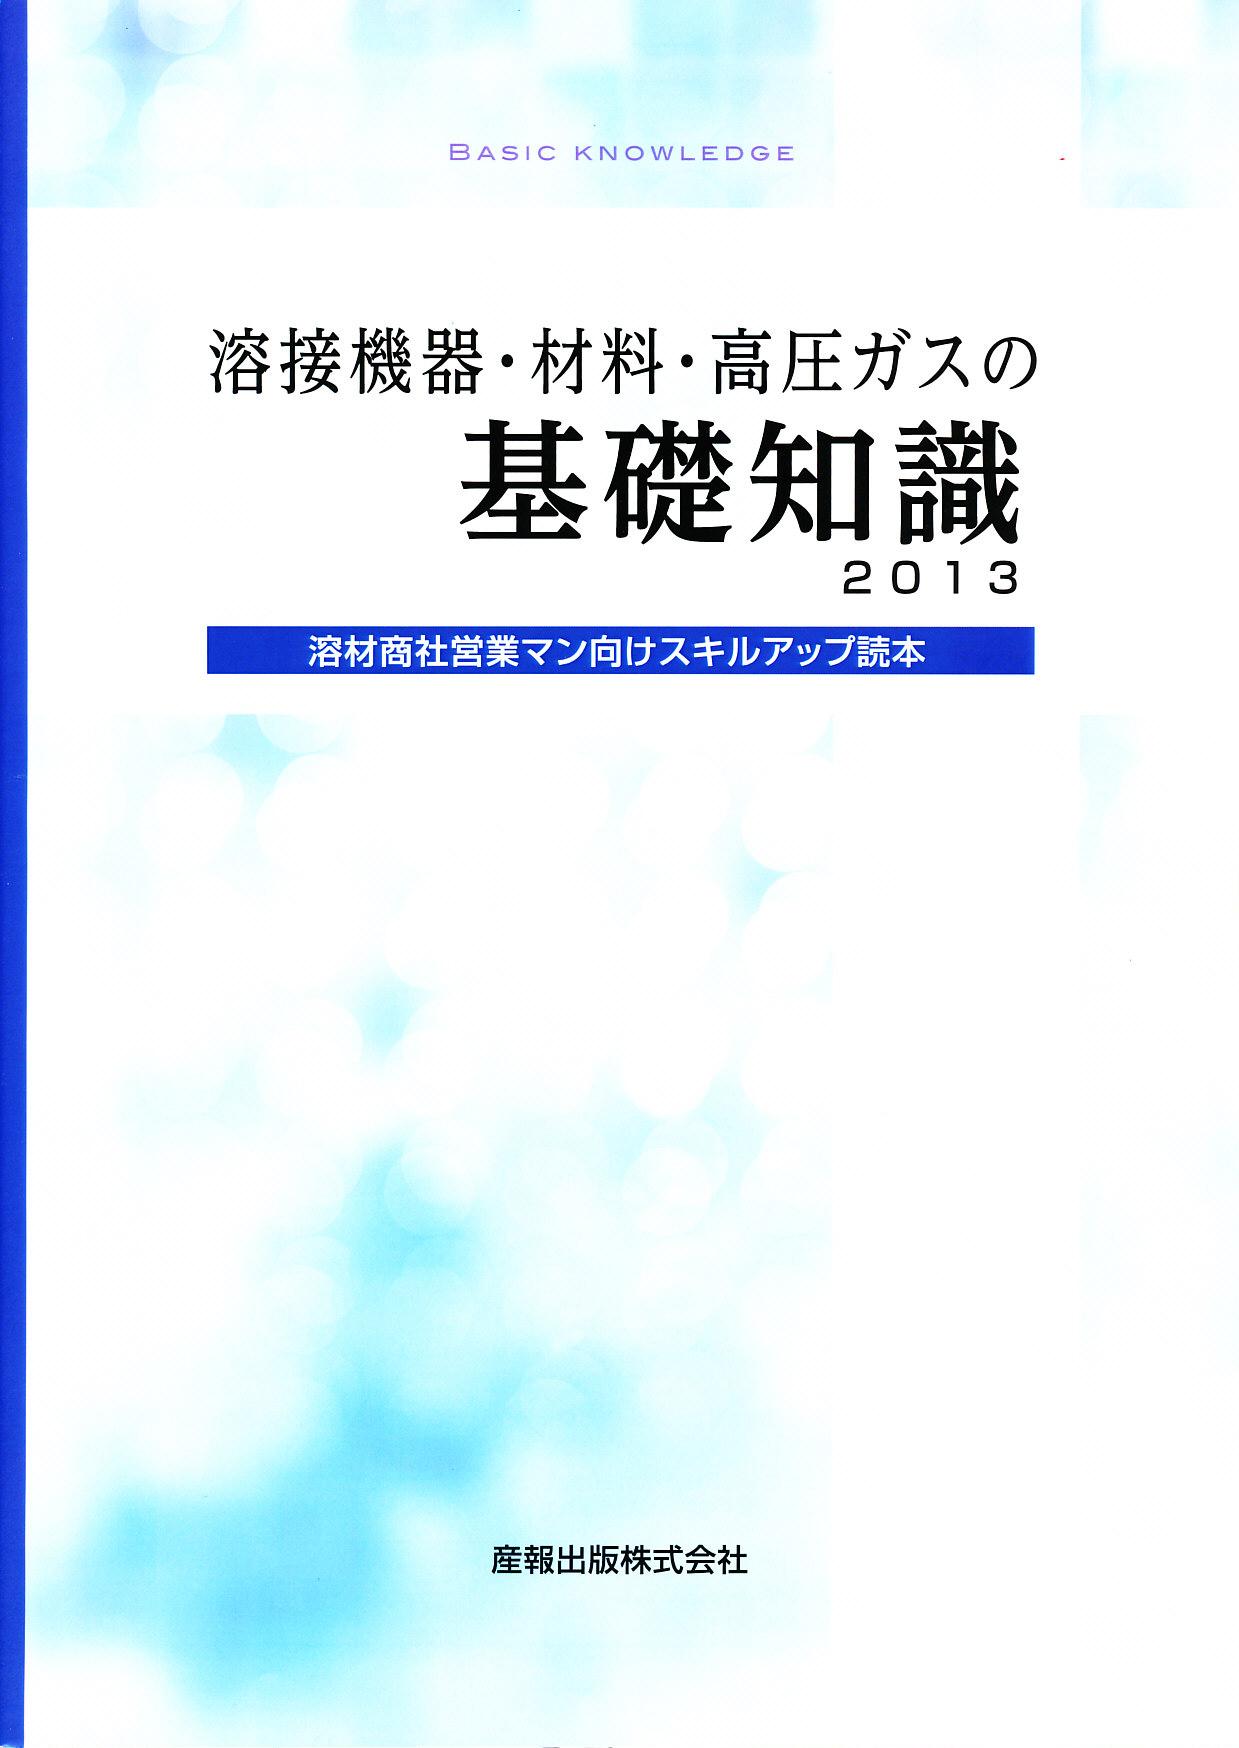 溶接機器・材料・高圧ガスの基礎知識2013